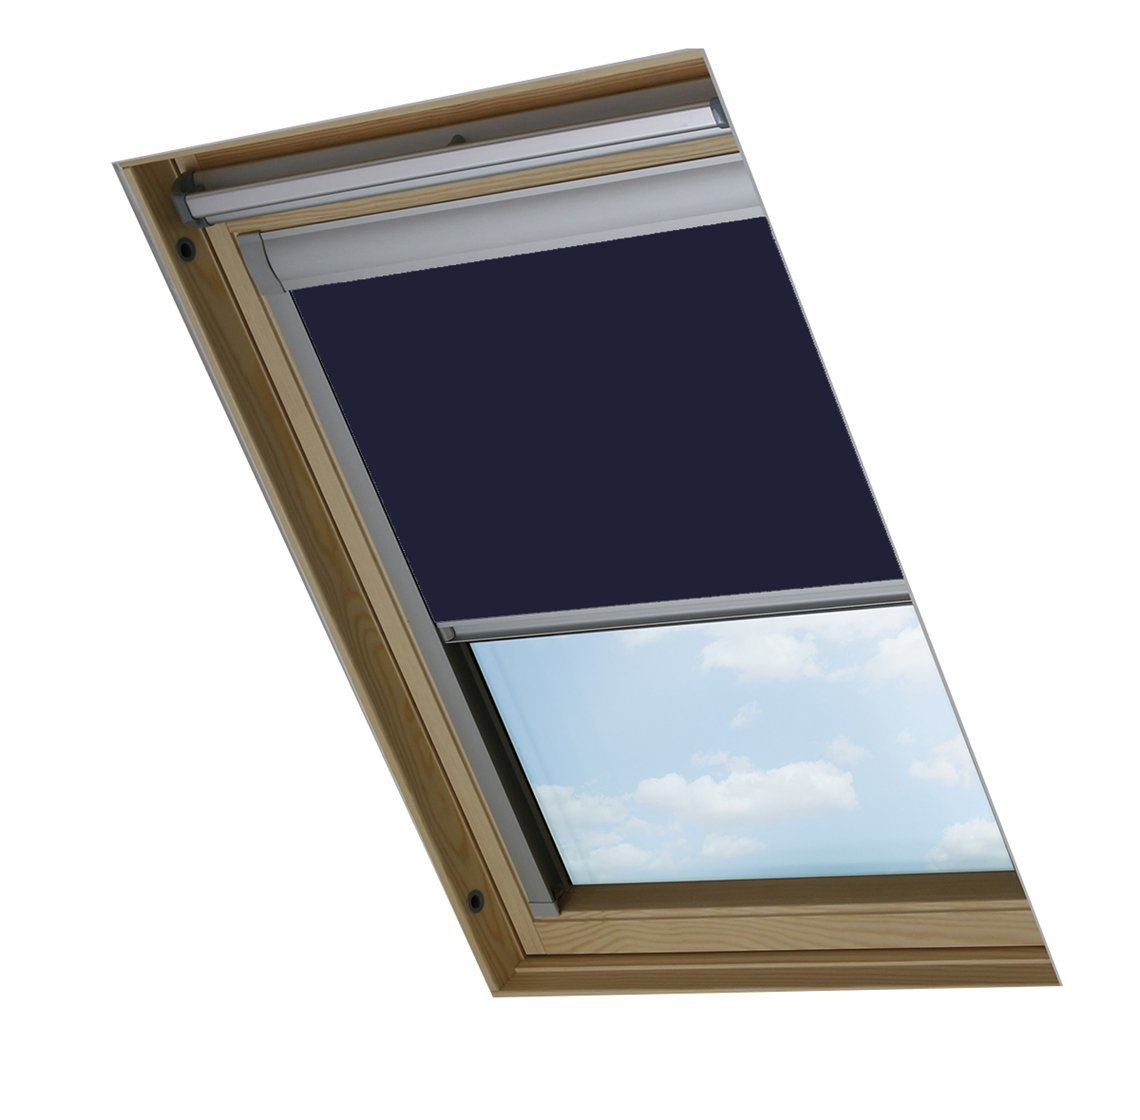 Bloc Skylight Store M4a pour Dakstra fenêtres de Toit BlockOut, Bleu Marine Bloc Blinds M4A